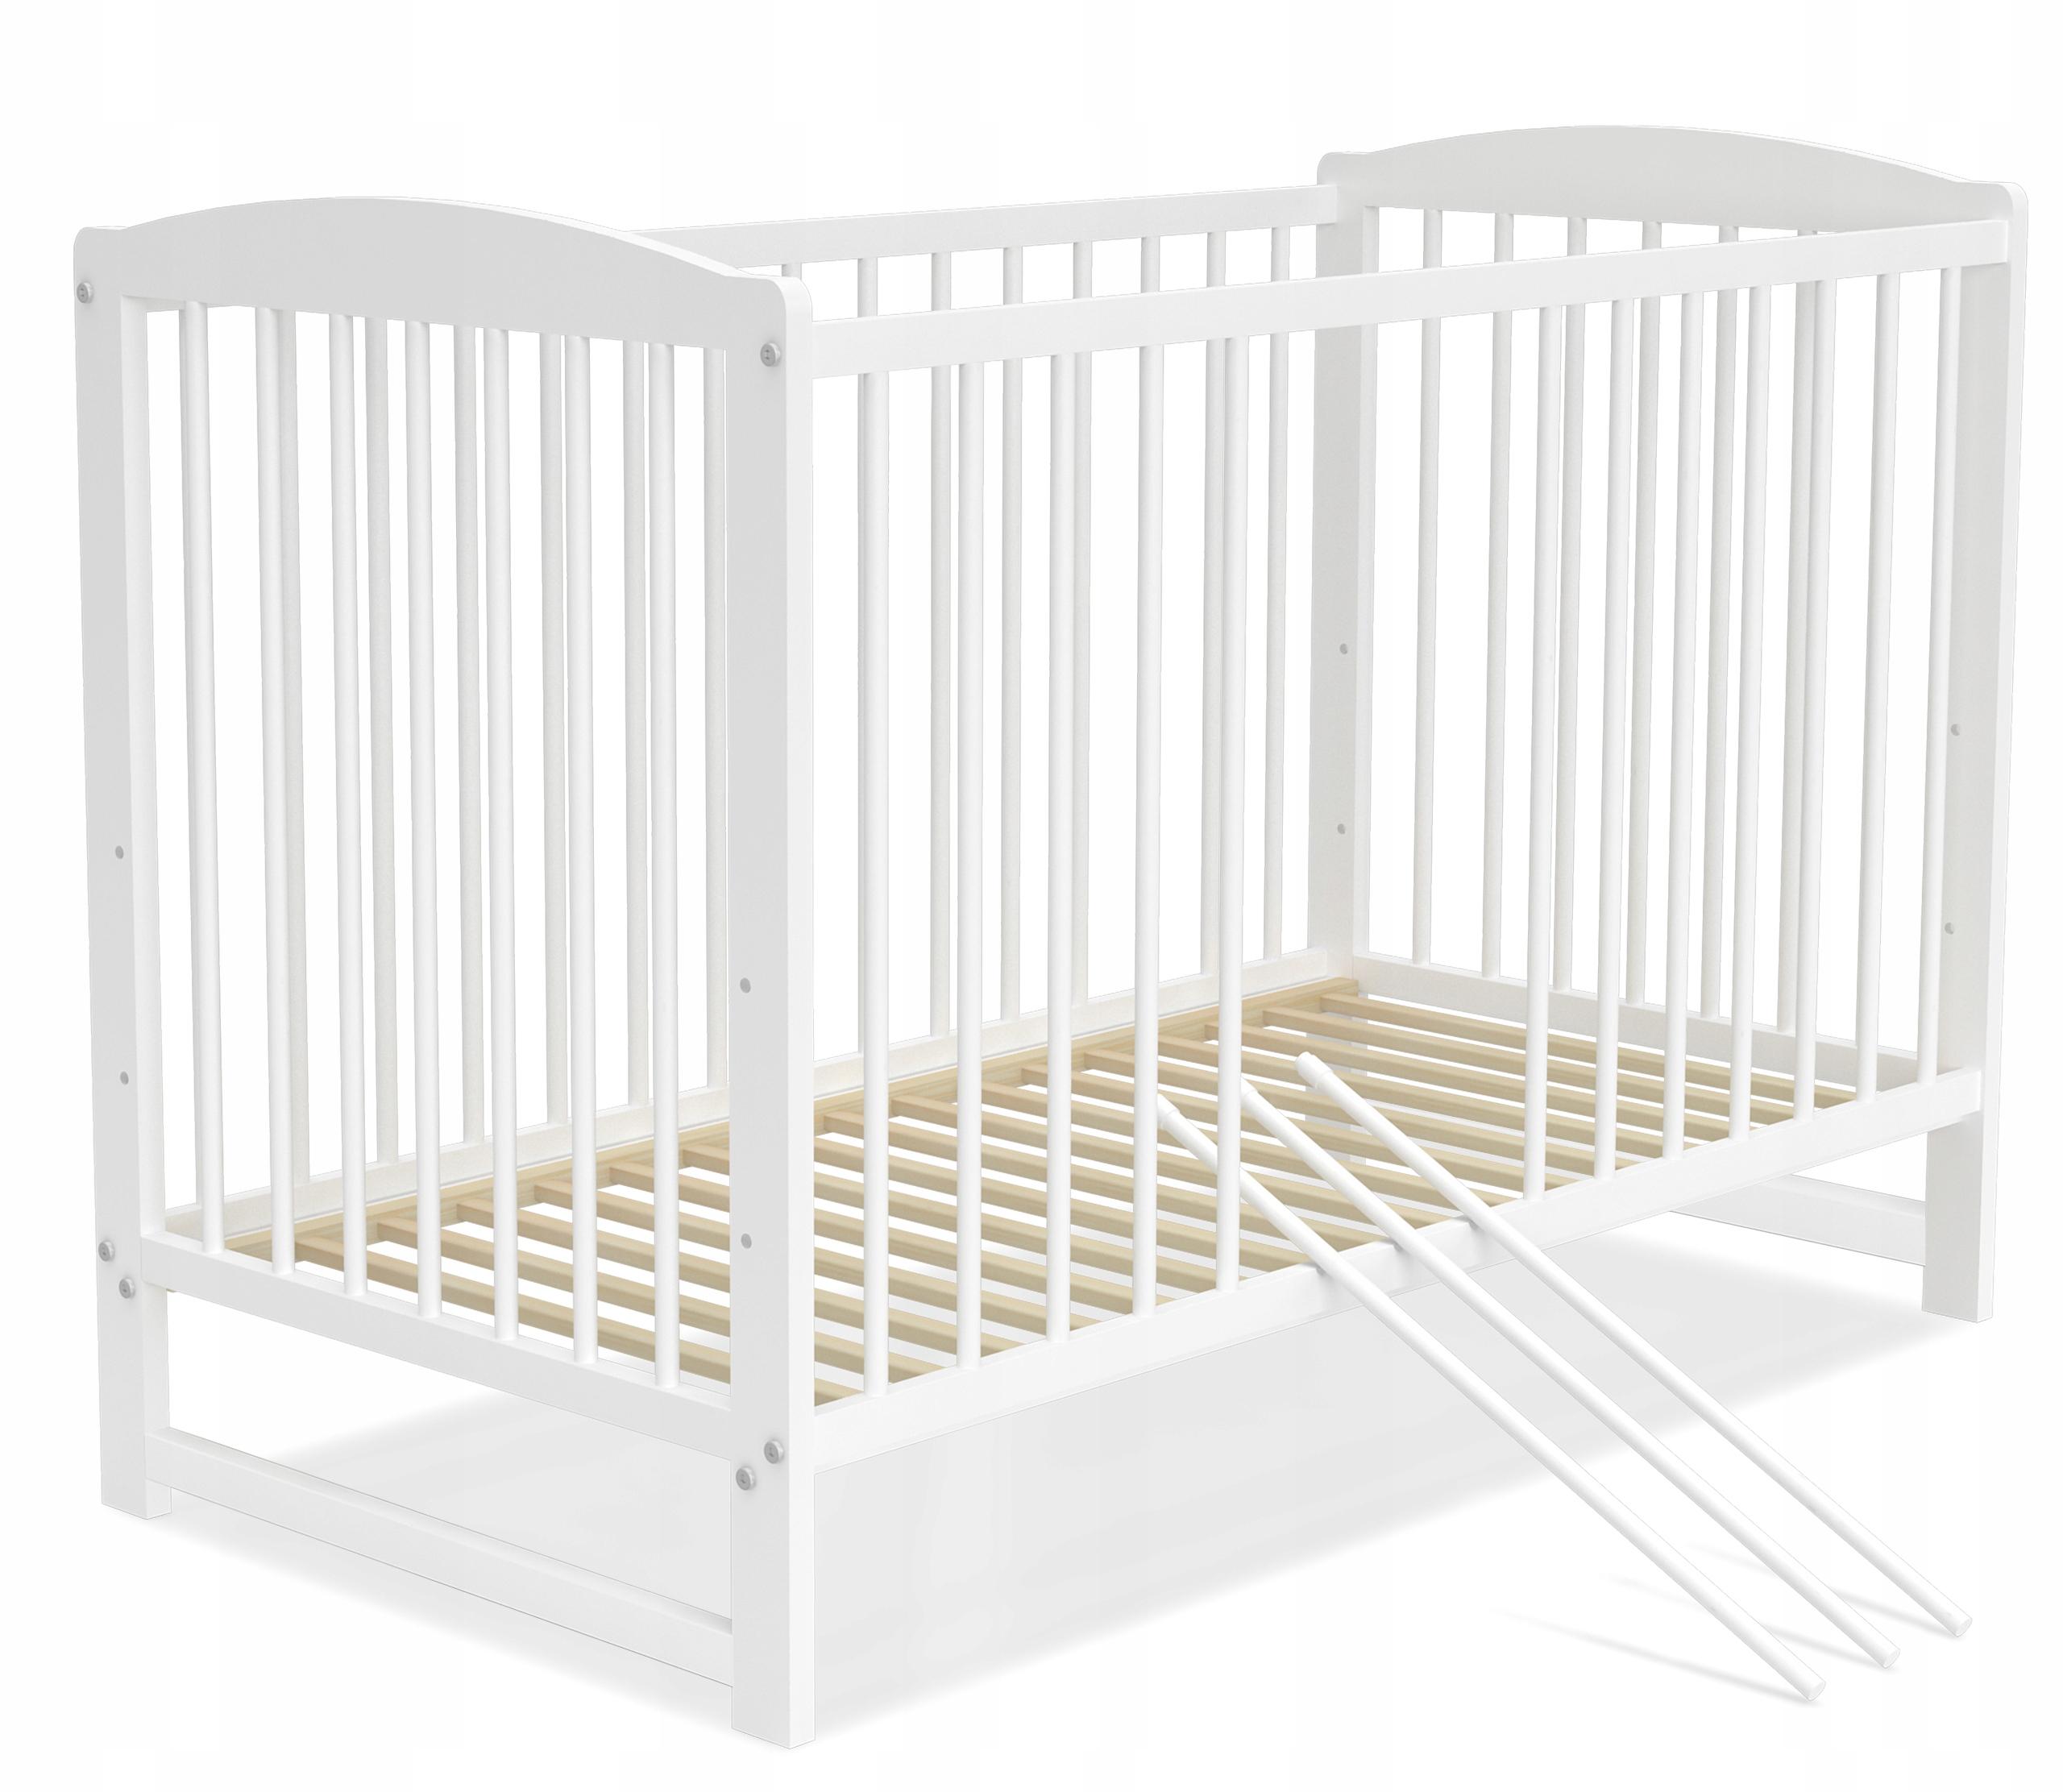 Łóżeczko dziecięce 60x120 cm ADAŚ białe 2w1 Długość 120 cm